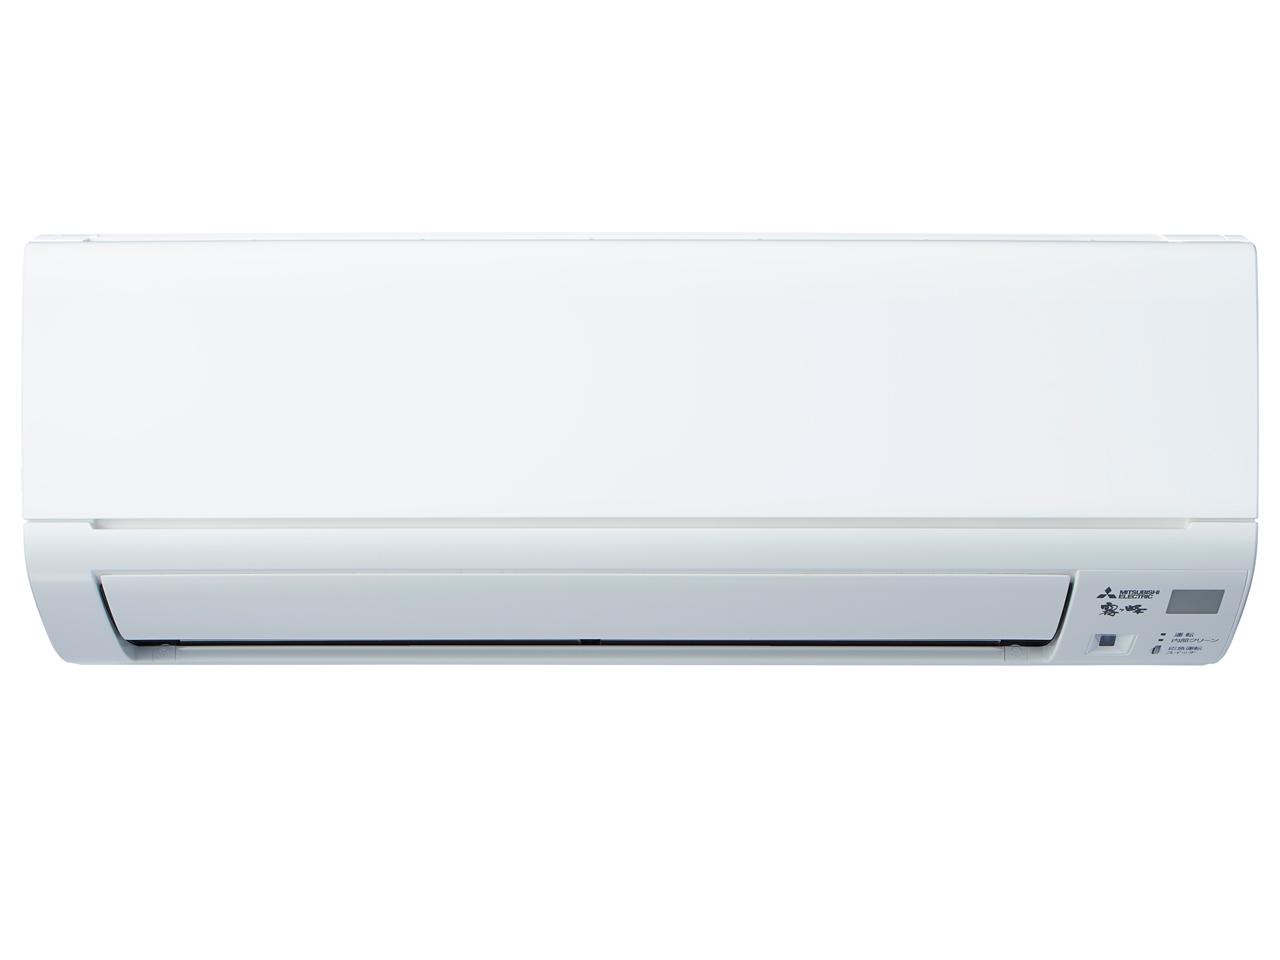 霧ヶ峰 MSZ-GE2819 の製品画像